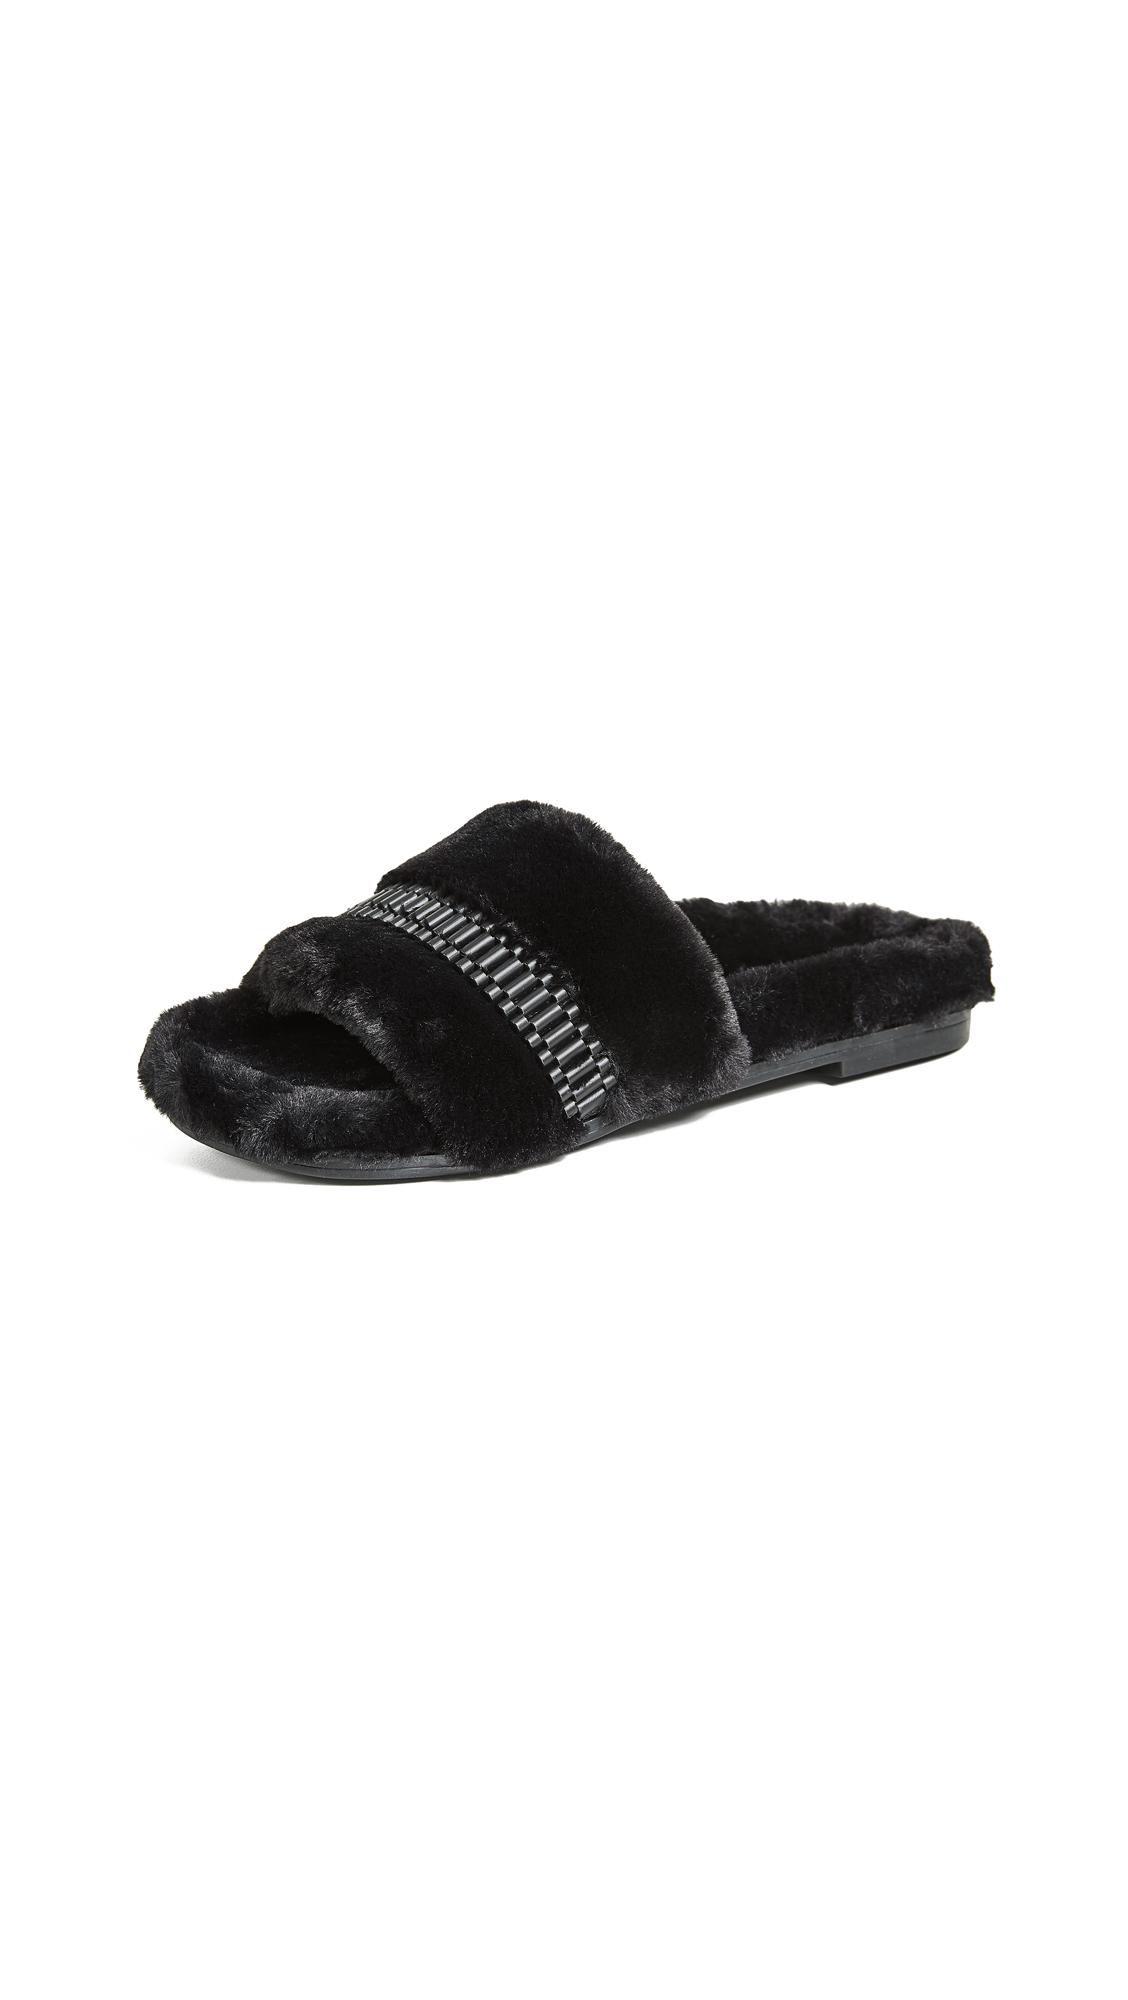 Kendall+Kylie Embellished Faux Fur Slides - Black, Black/Nickel